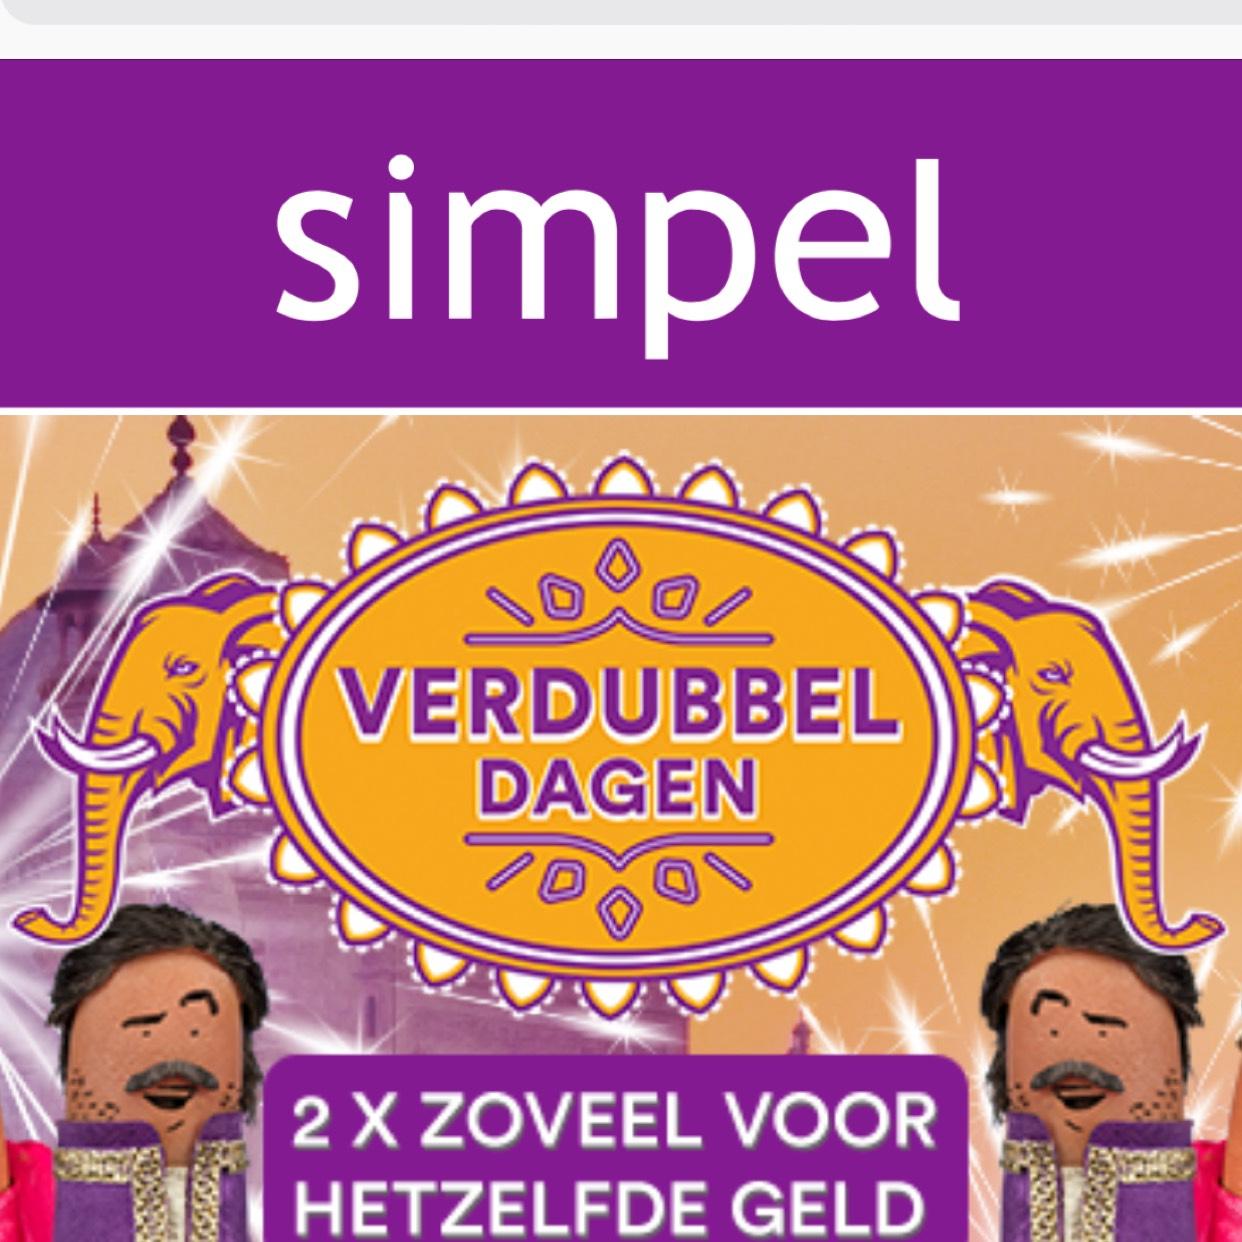 Simpel Verdubbeldagen - Aanbiedingen van 500MB (€2,50) tot 6GB (€12,50) @ Simpel